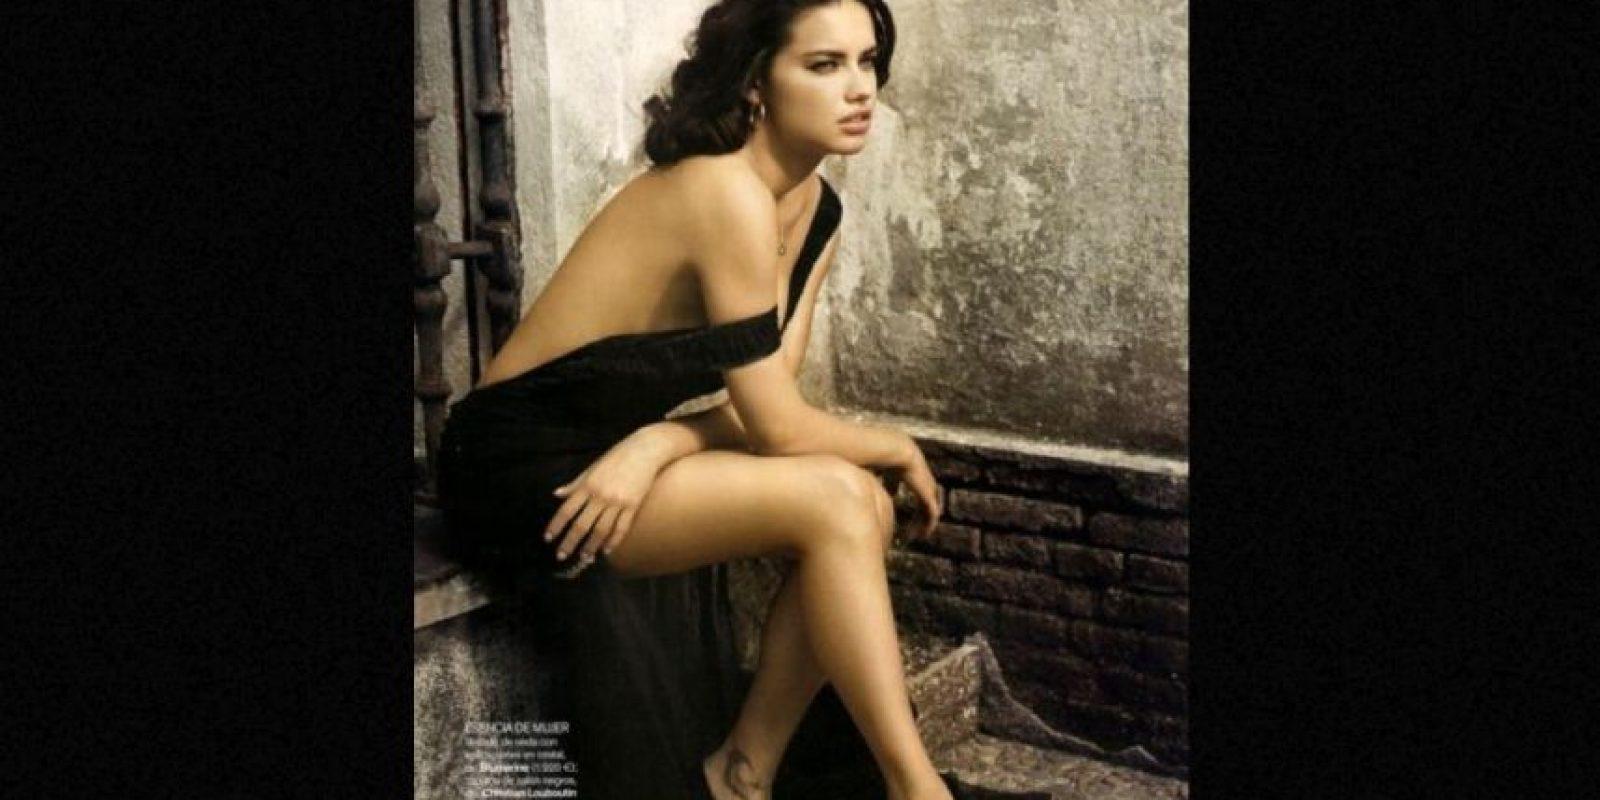 Cuerpos atléticos y ultradelgados siguen imponiéndose. Aquí, Adriana Lima. Foto:Vogue.